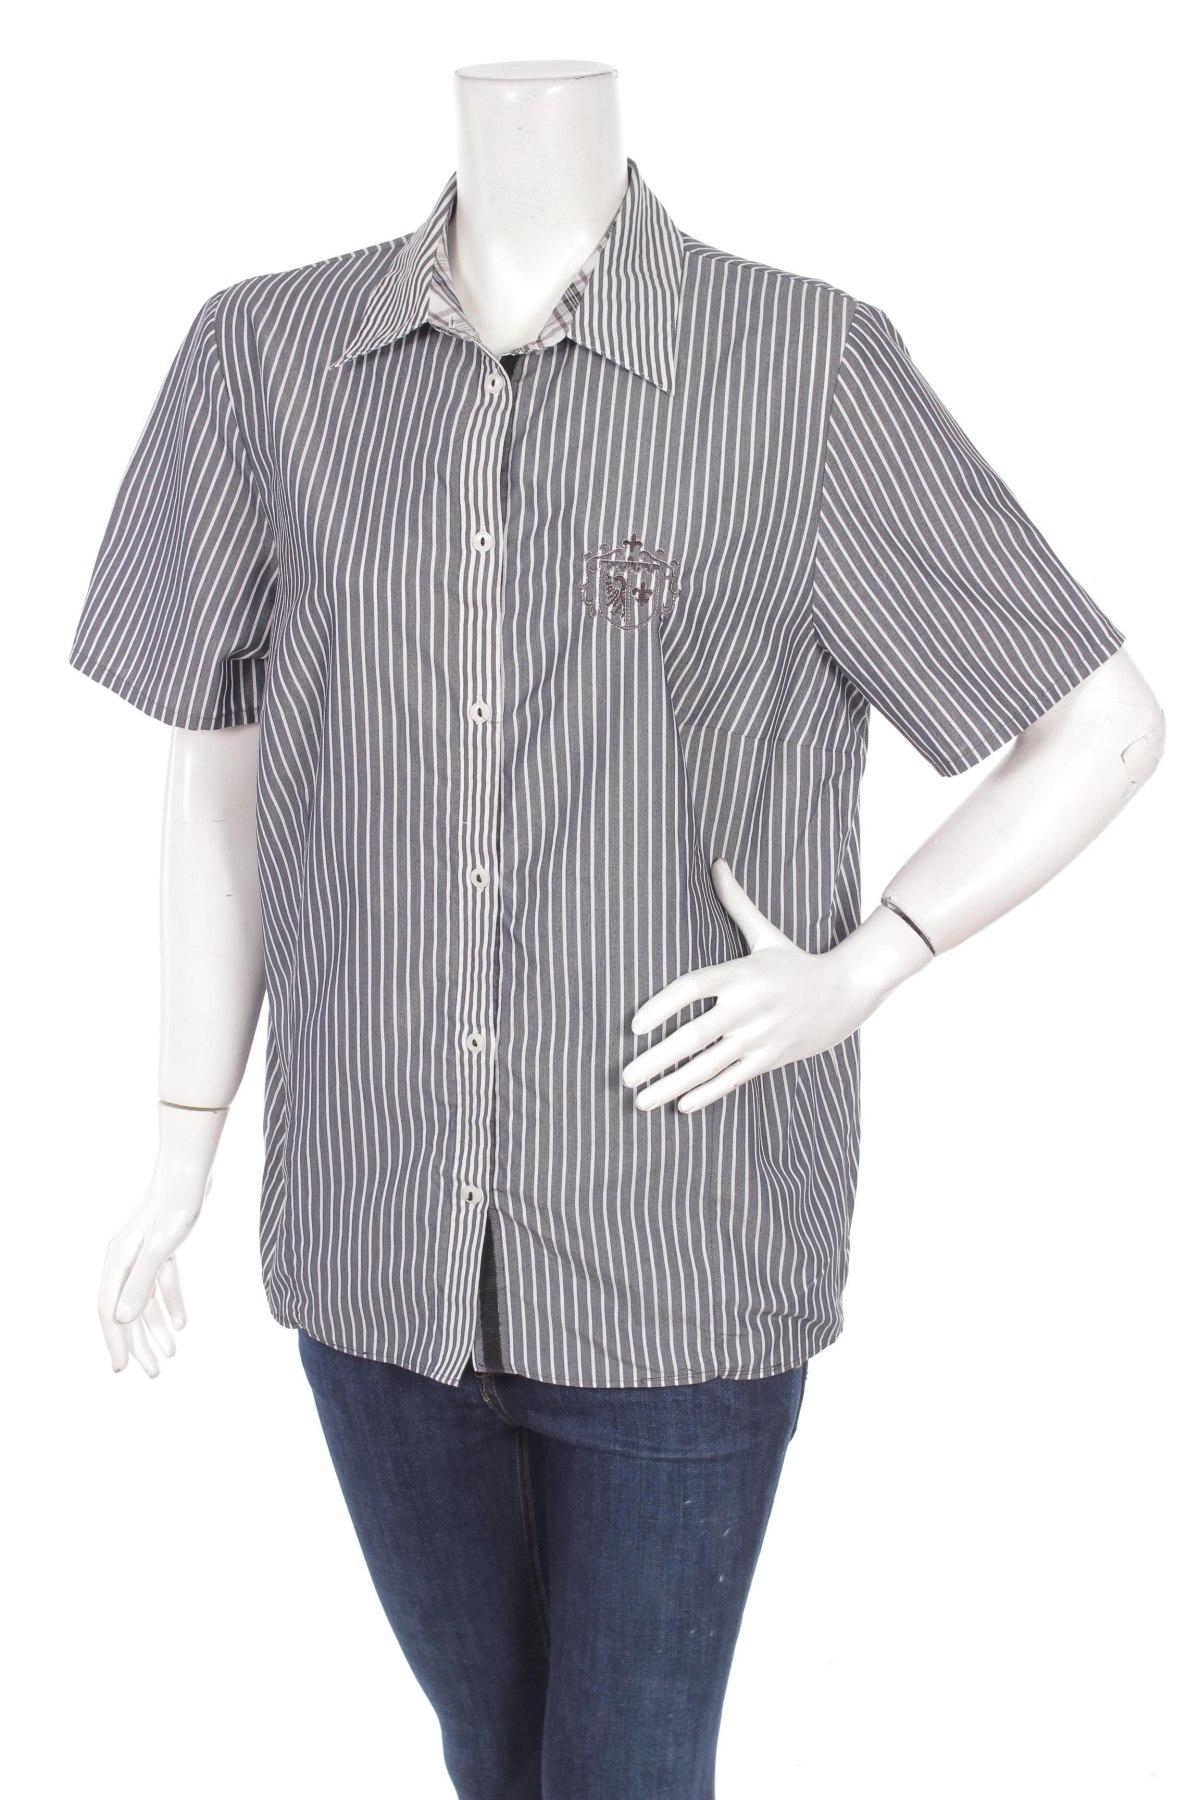 Γυναικείο πουκάμισο, Μέγεθος L, Χρώμα Γκρί, Τιμή 9,28€